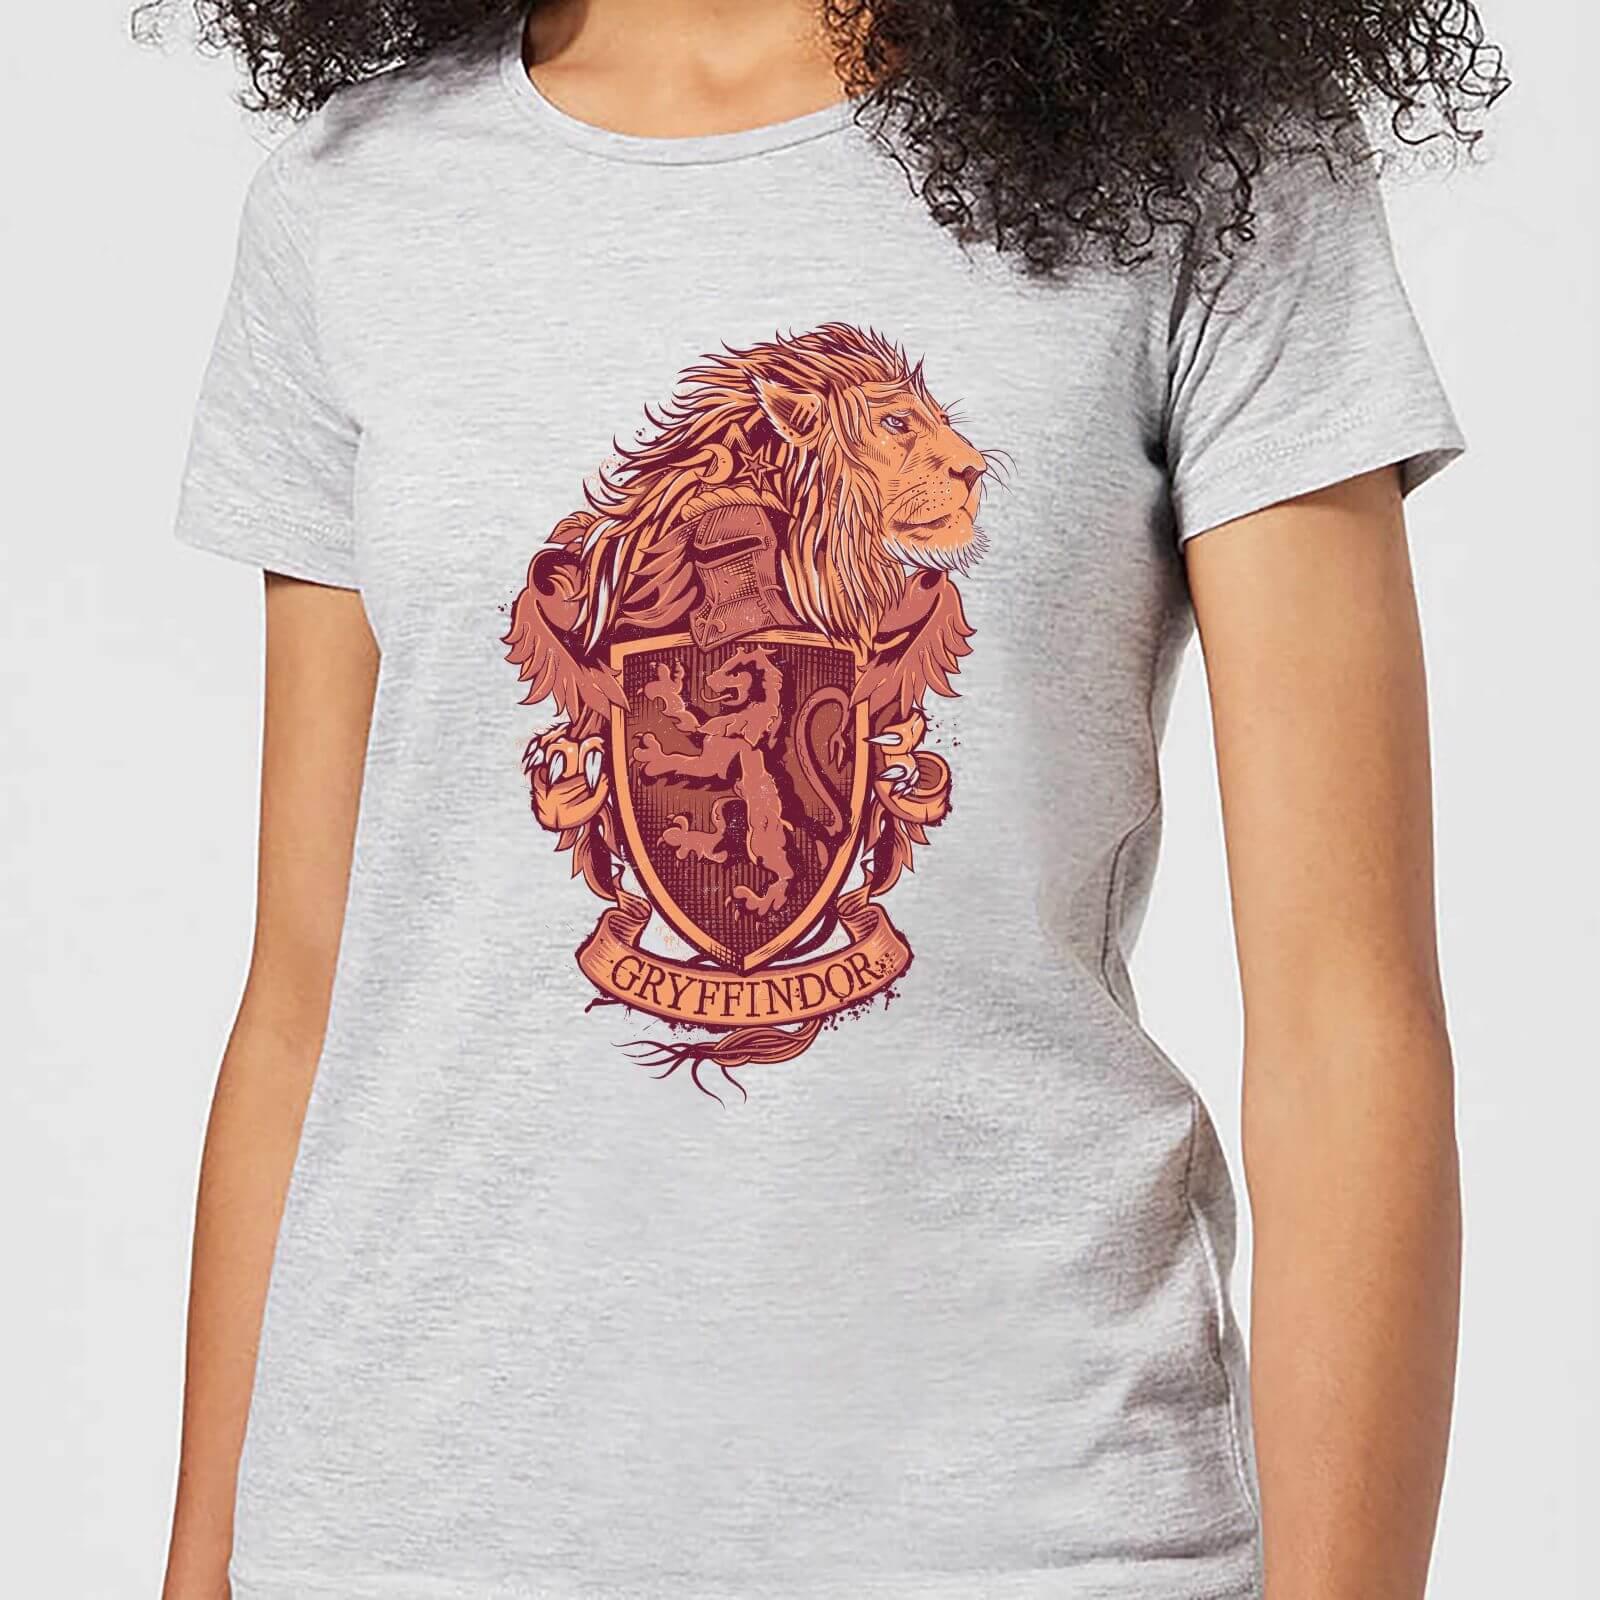 Harry Potter Gryffindor Drawn Crest Women's T-Shirt - Grey - XXL - Gris